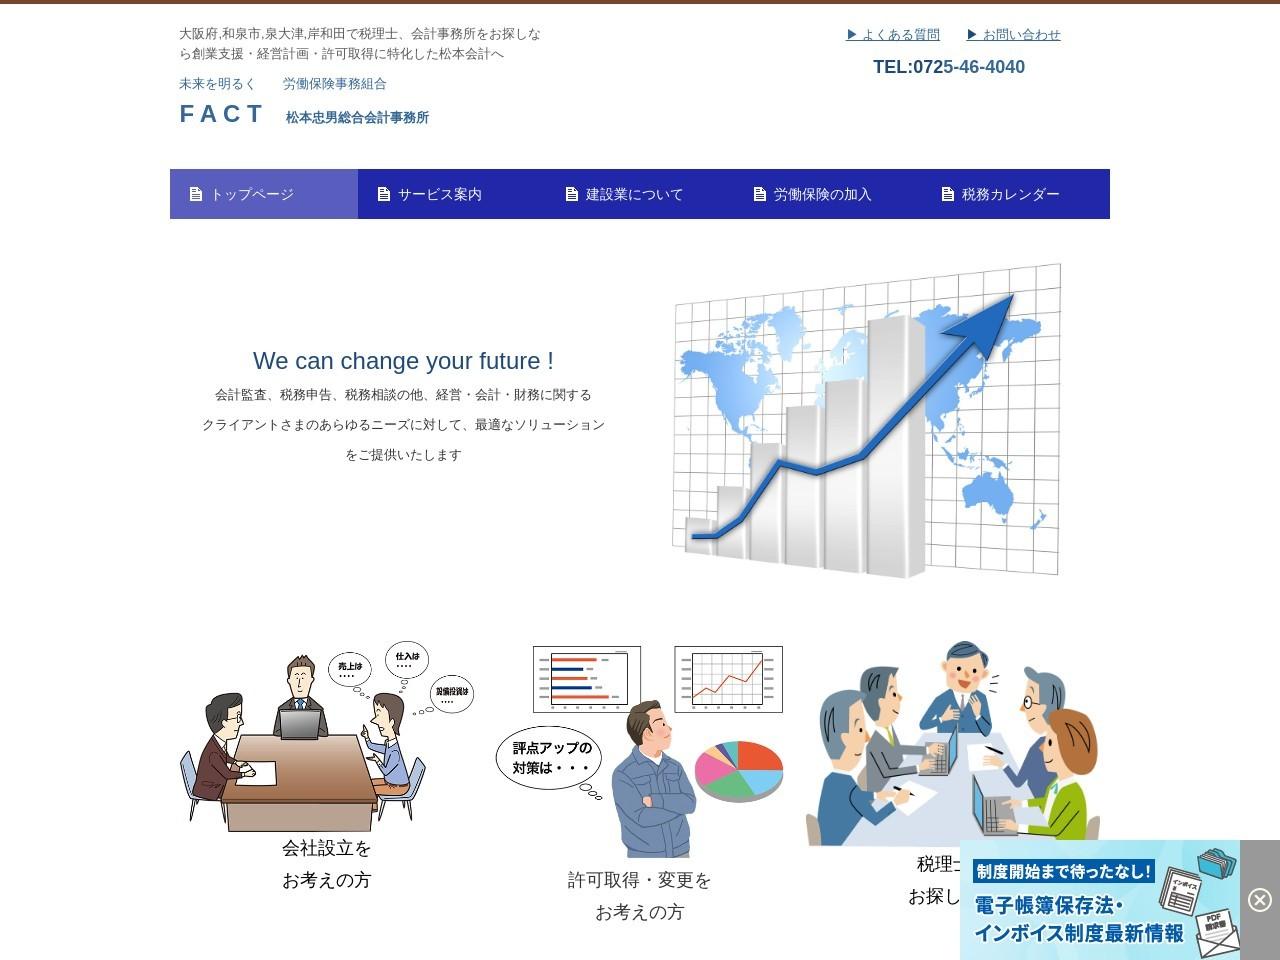 松本忠男総合会計事務所